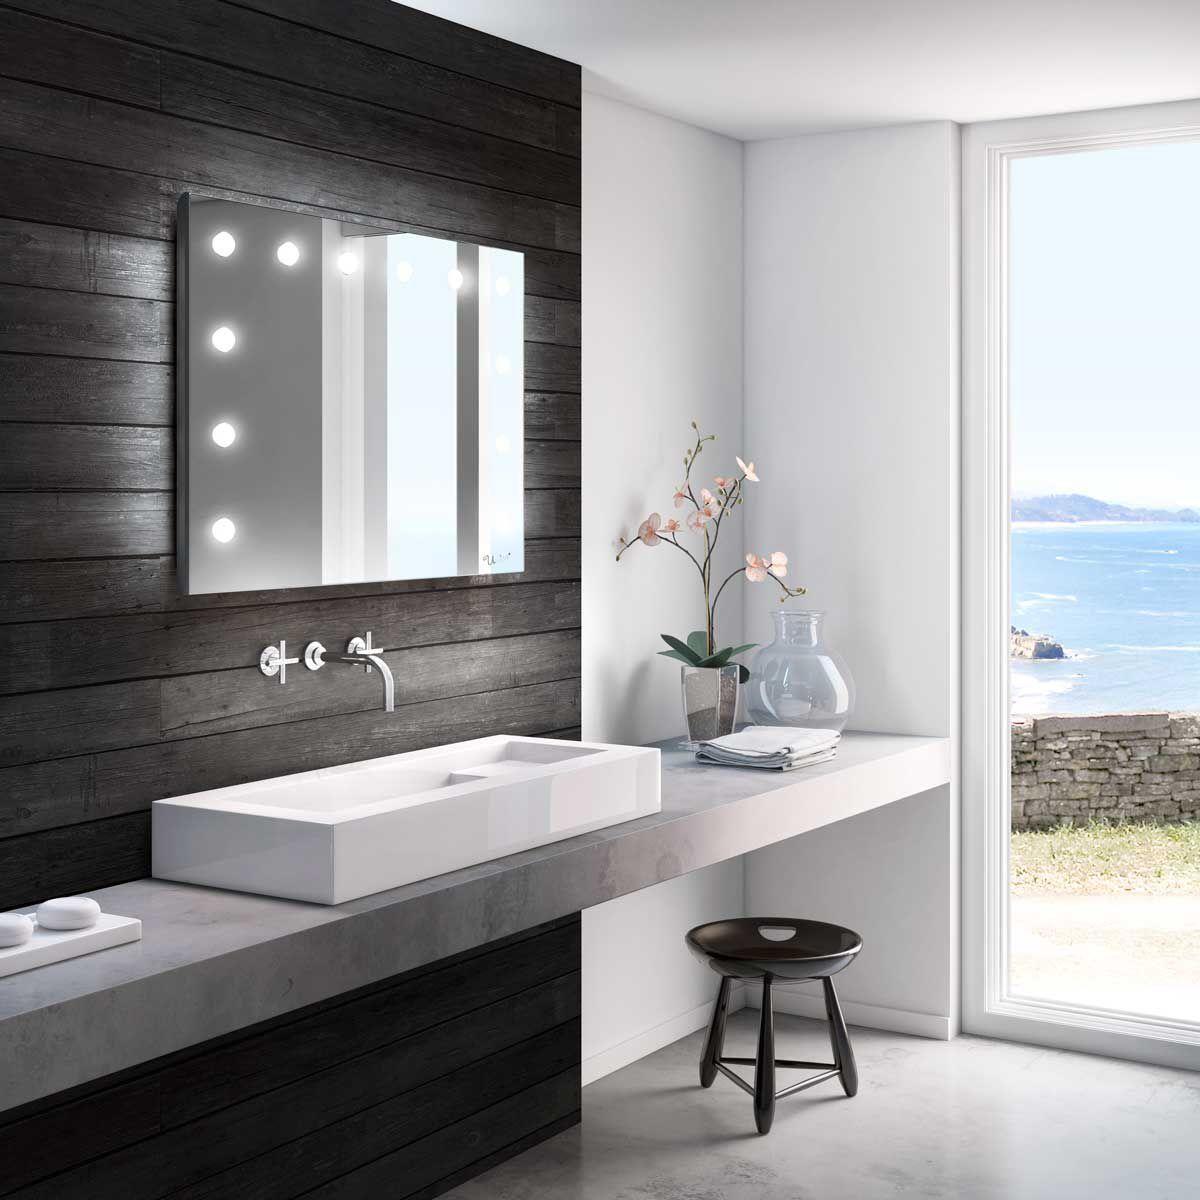 Wandmontierter Spiegel Für Badezimmer / Beleuchtet / Schlafzimmer / Mit  Aufhängung   MH01 DIVINO